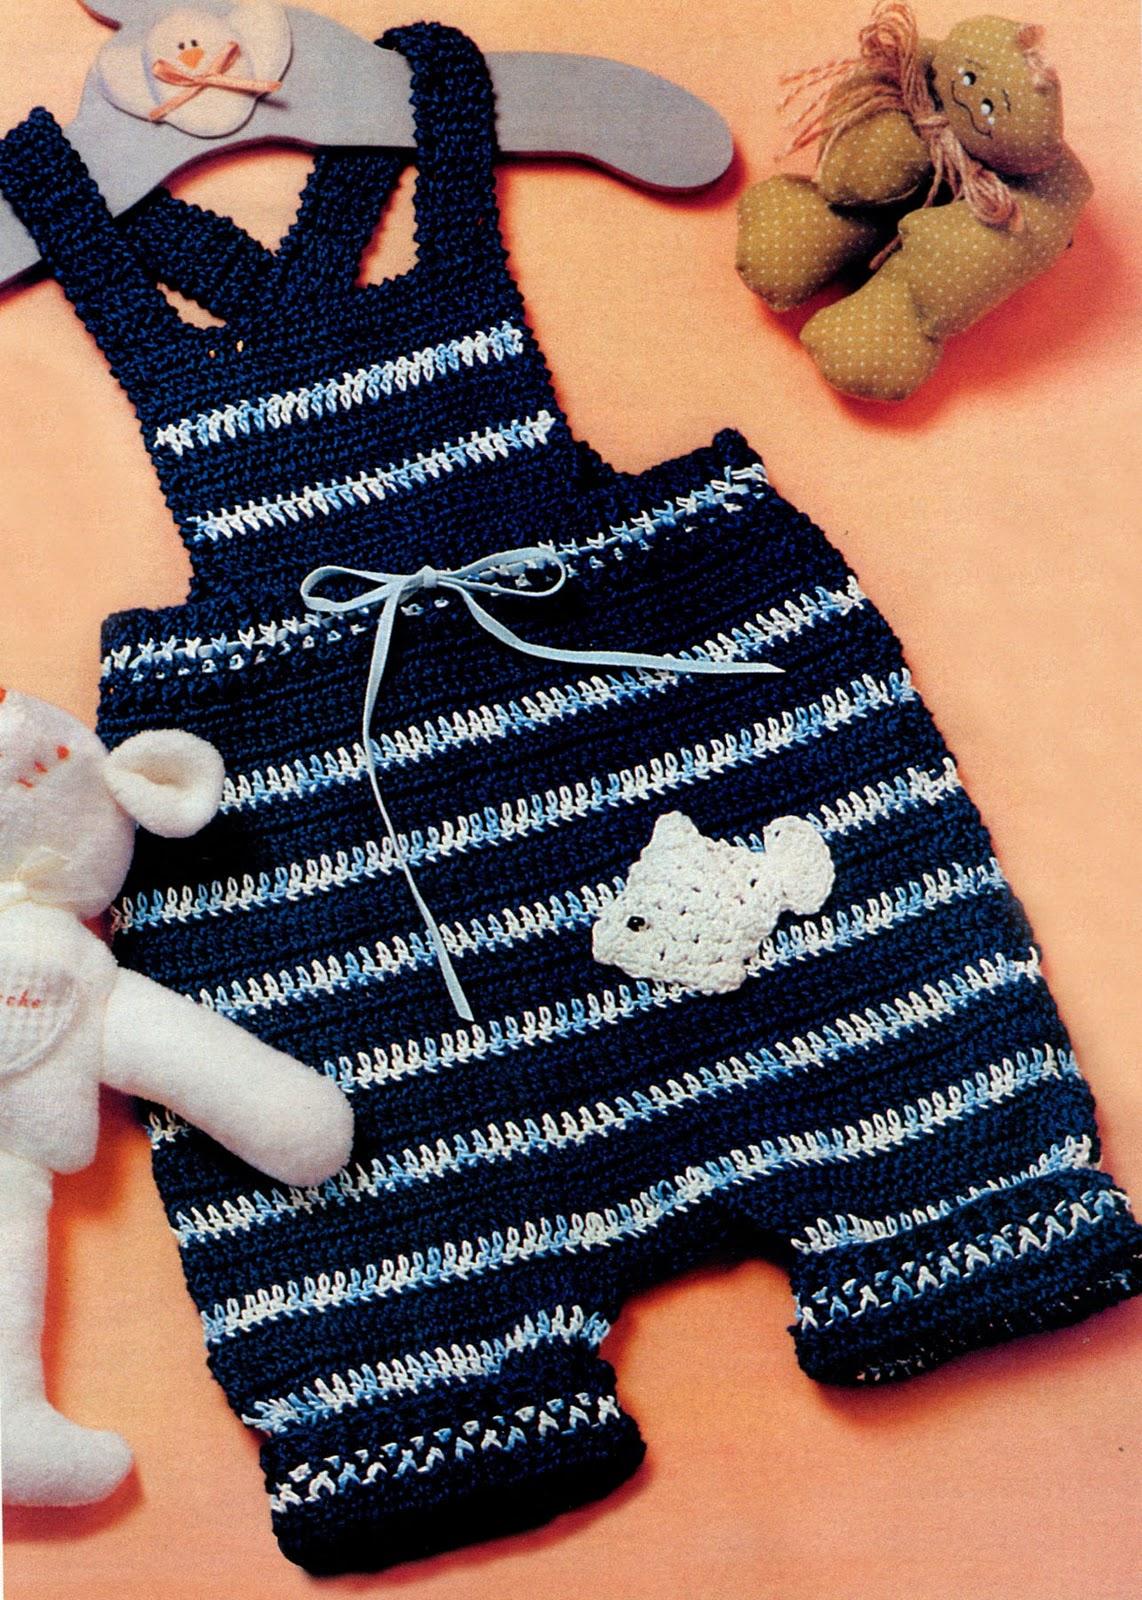 вязание носков спицами схемы маридесса